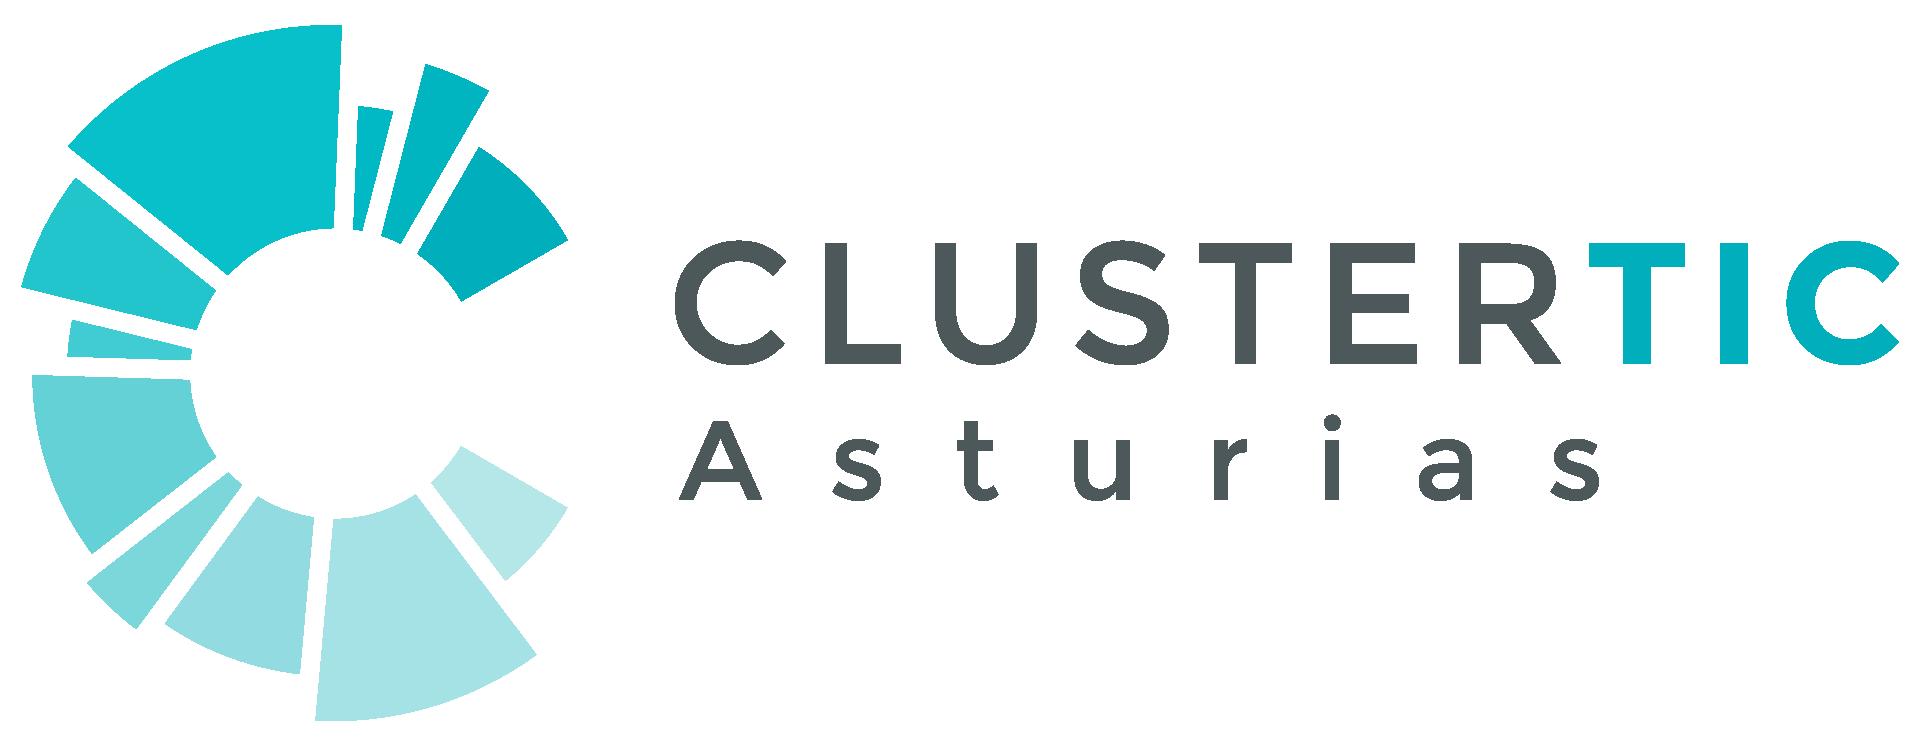 Cluster TIC Asturias